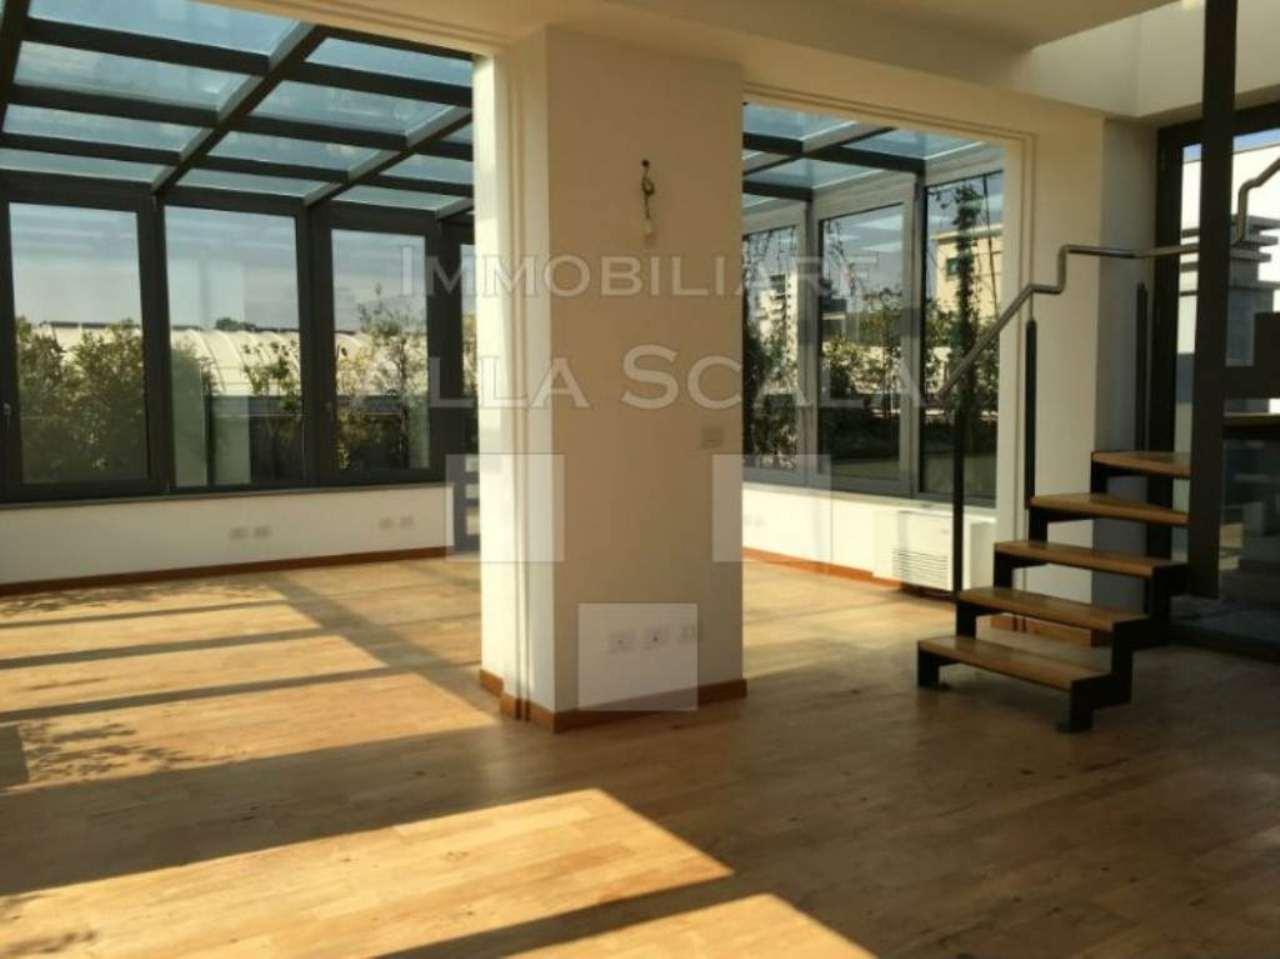 milano vendita quart: romolo immobiliare-alla-scala-srl